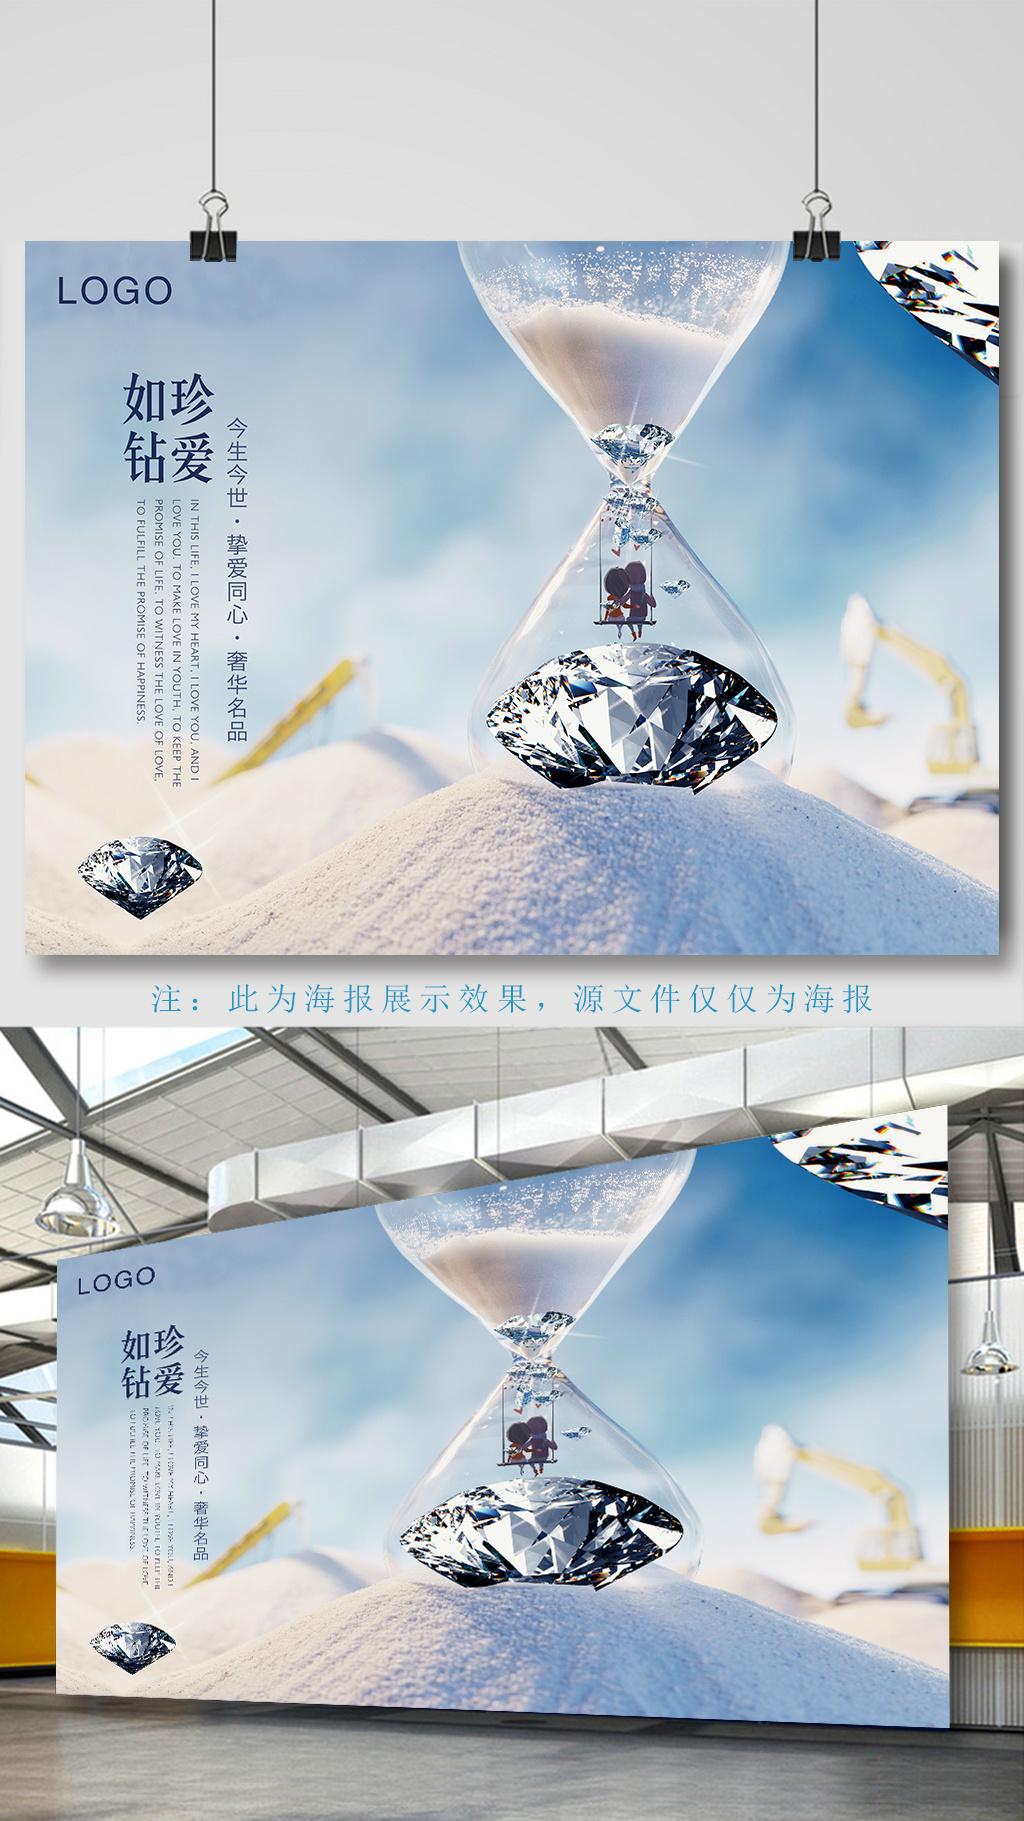 奢侈品钻石宣传海报设计psd模板图片